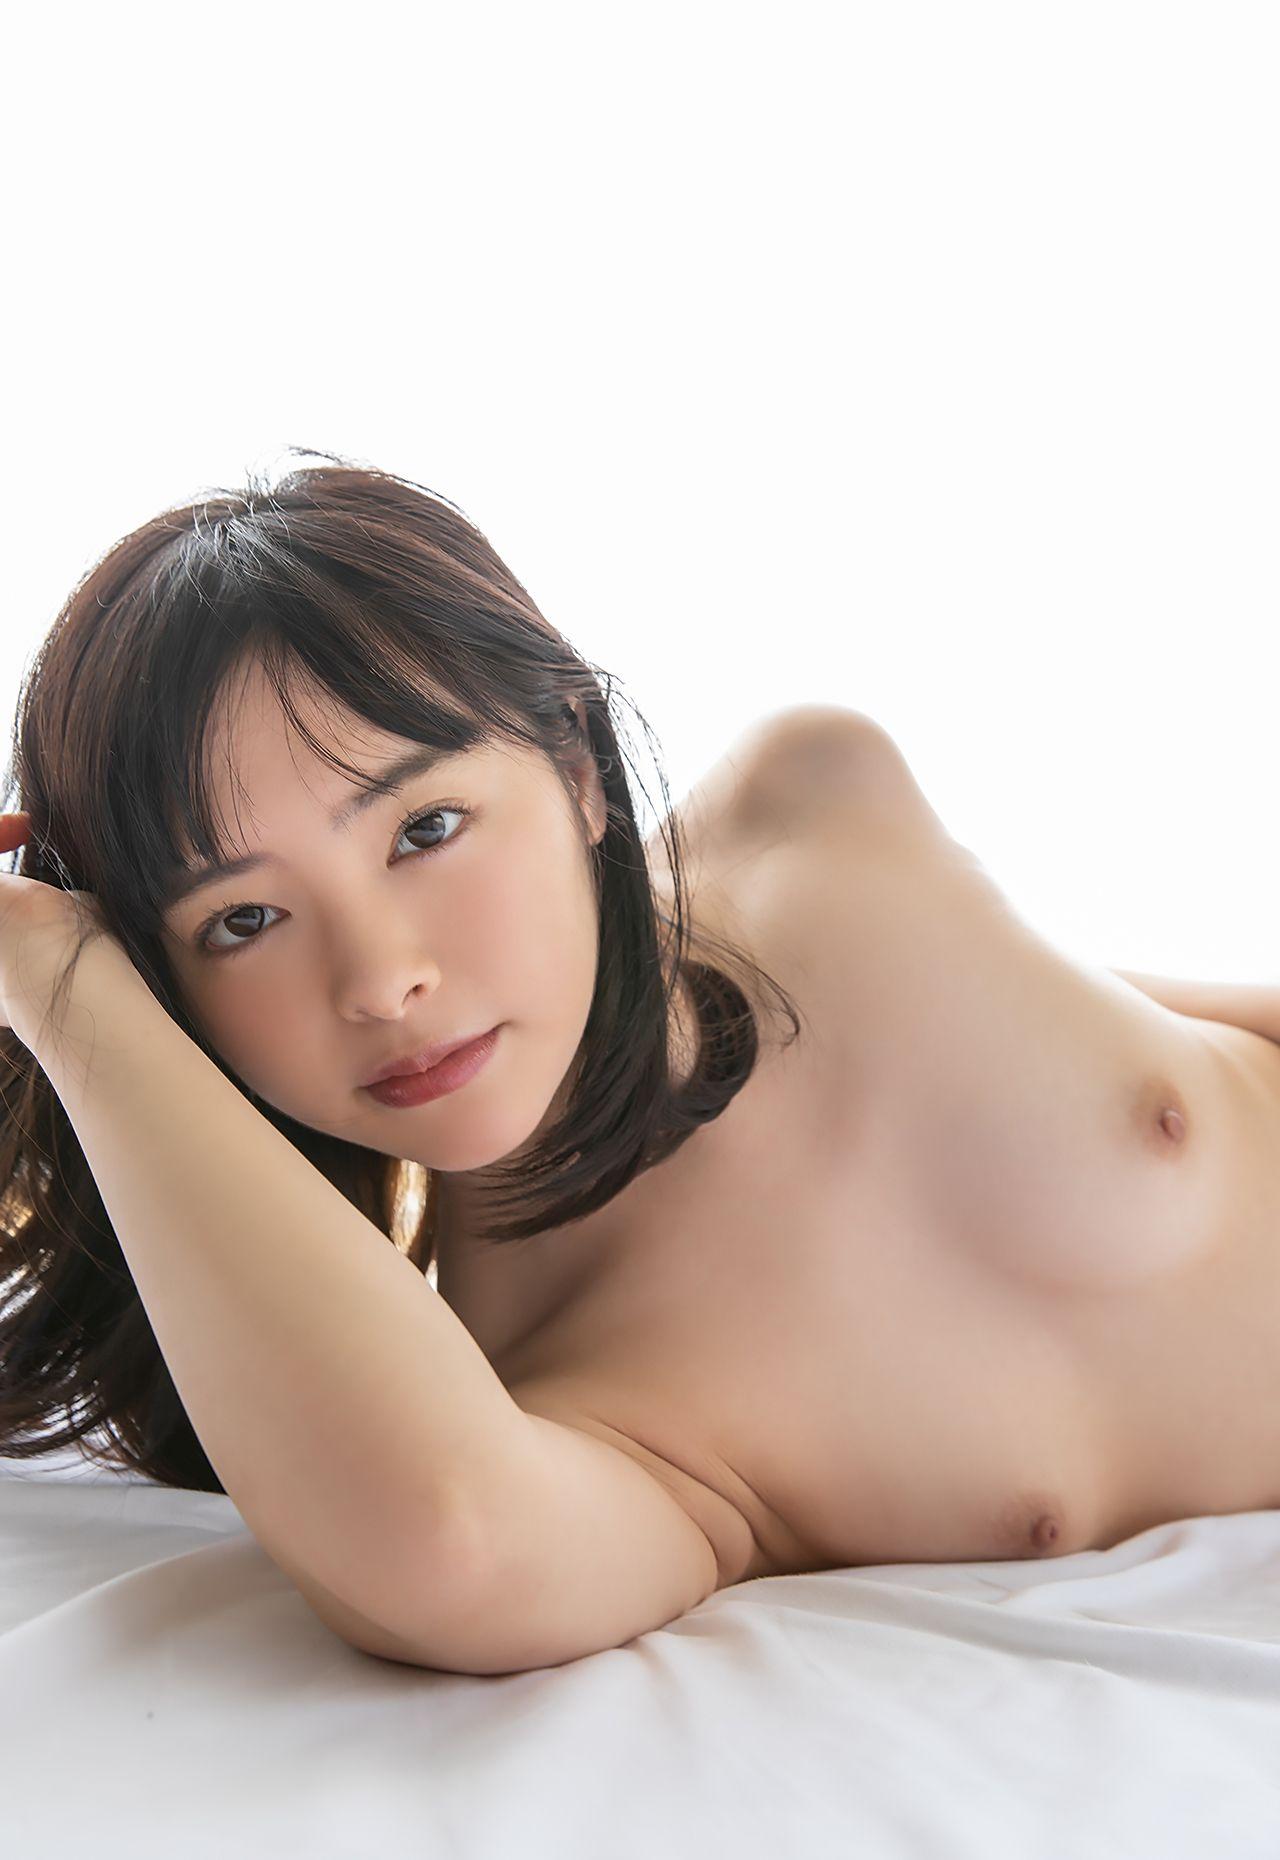 三次元 3次元 エロ画像 AV女優  小倉由菜 ヌード  べっぴん娘通信 035